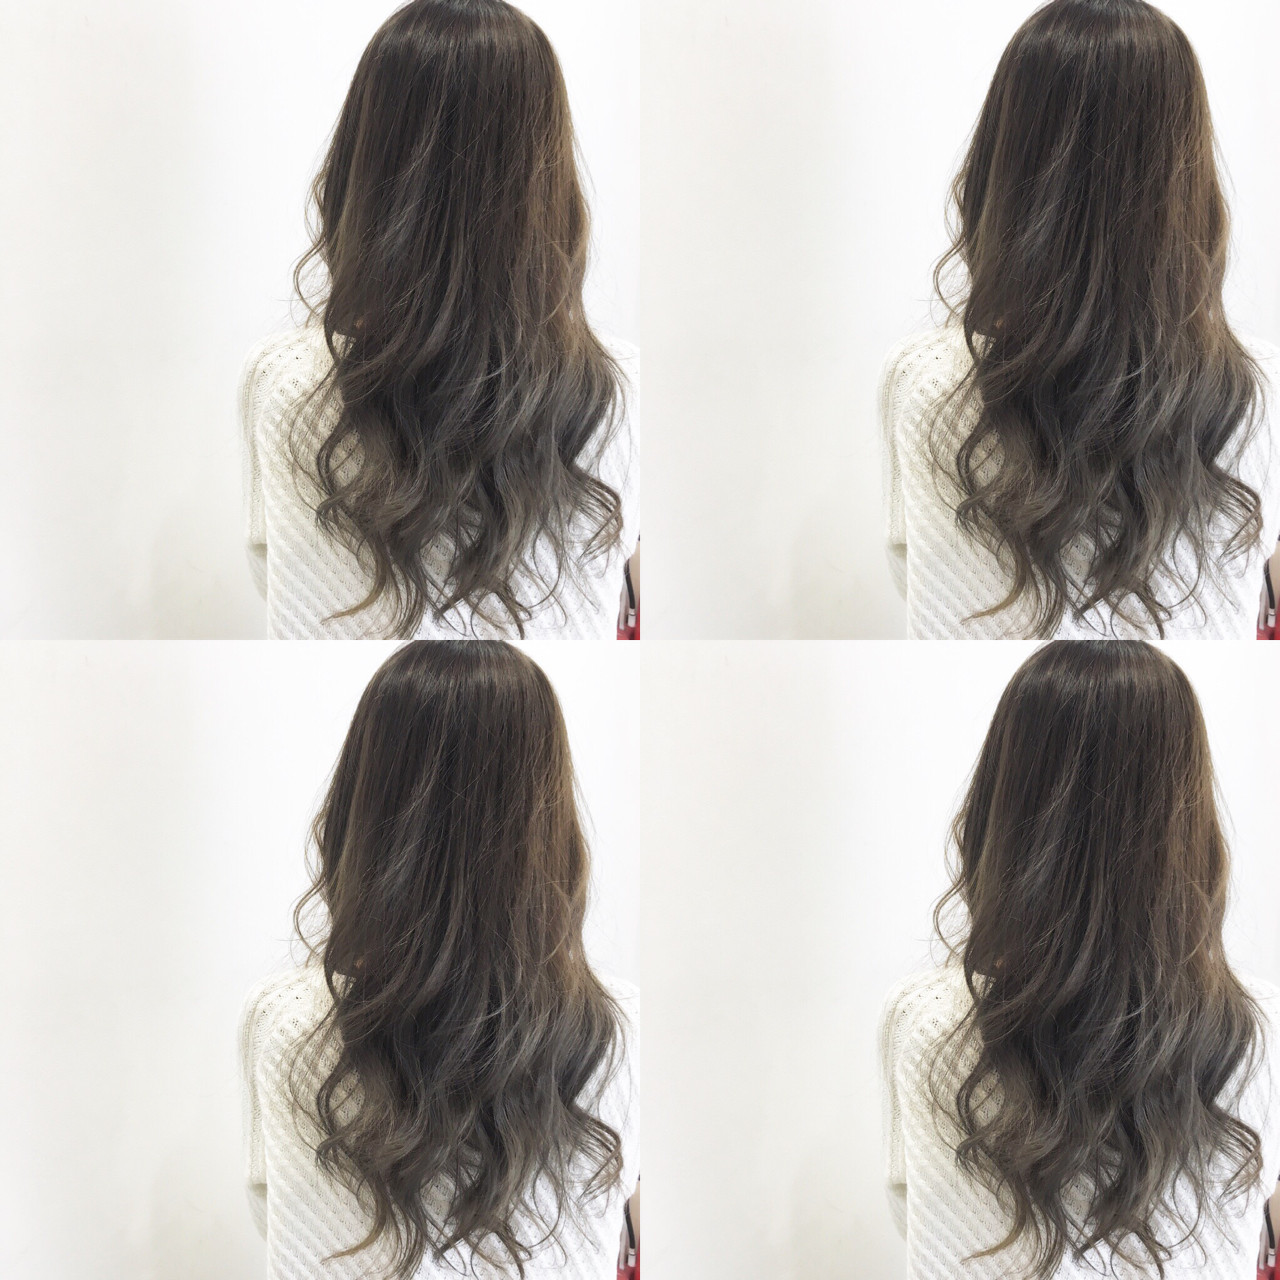 外国人風 ナチュラル グラデーションカラー ハイライト ヘアスタイルや髪型の写真・画像 | 斉藤雪乃 / CAPA秦野